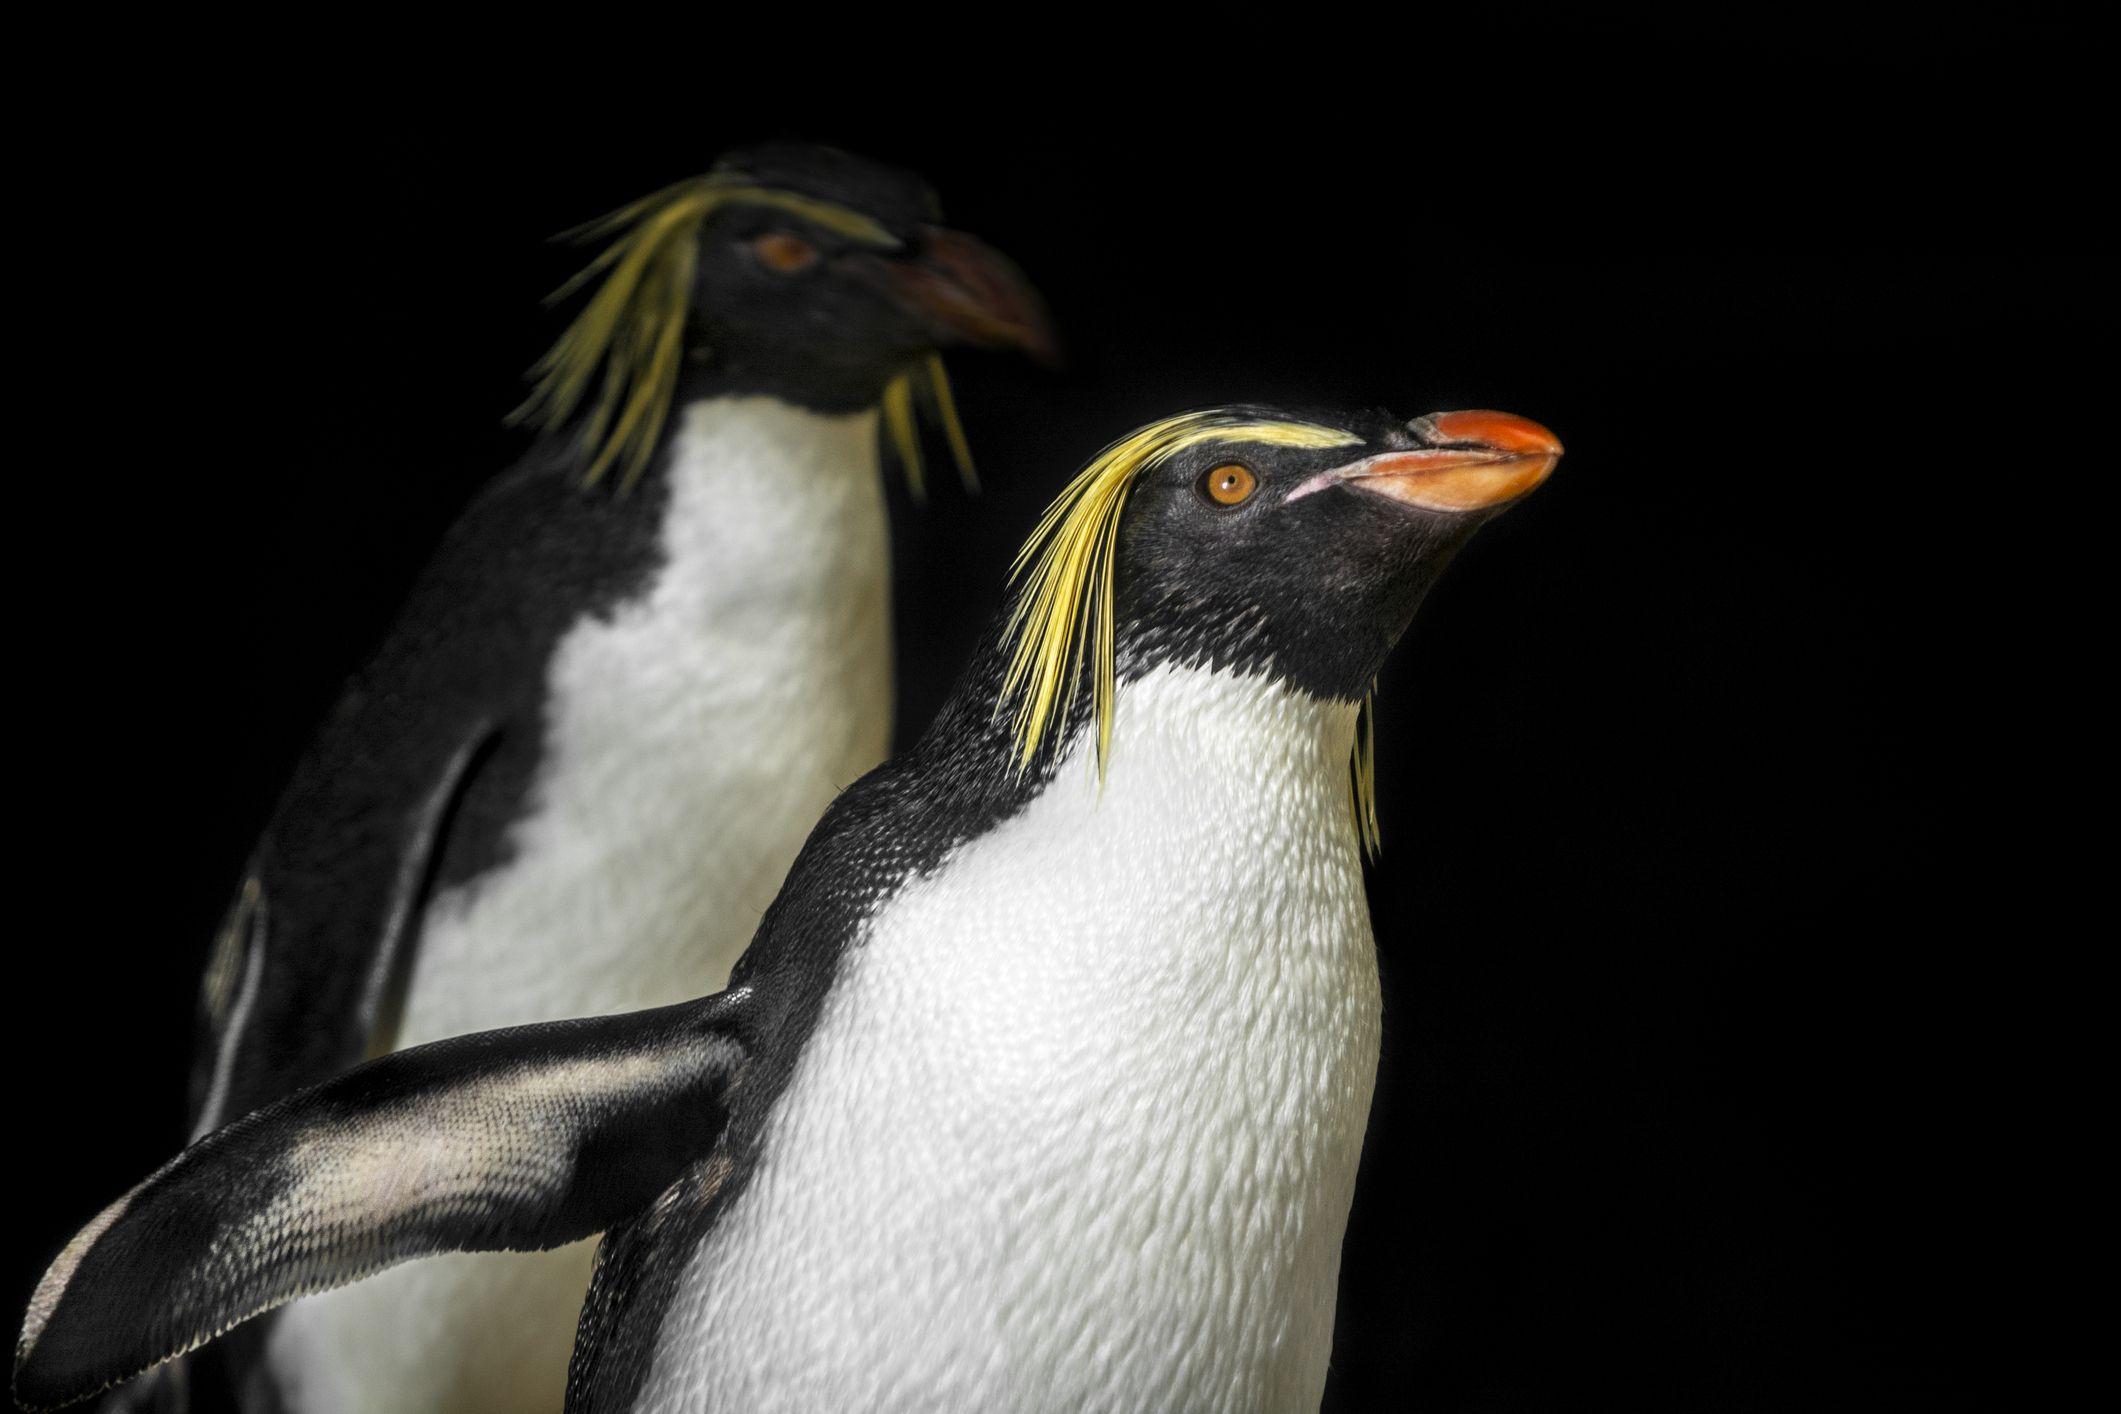 L'acquario è chiuso al pubblico, i pinguini se lo godono da visitatori (Video)